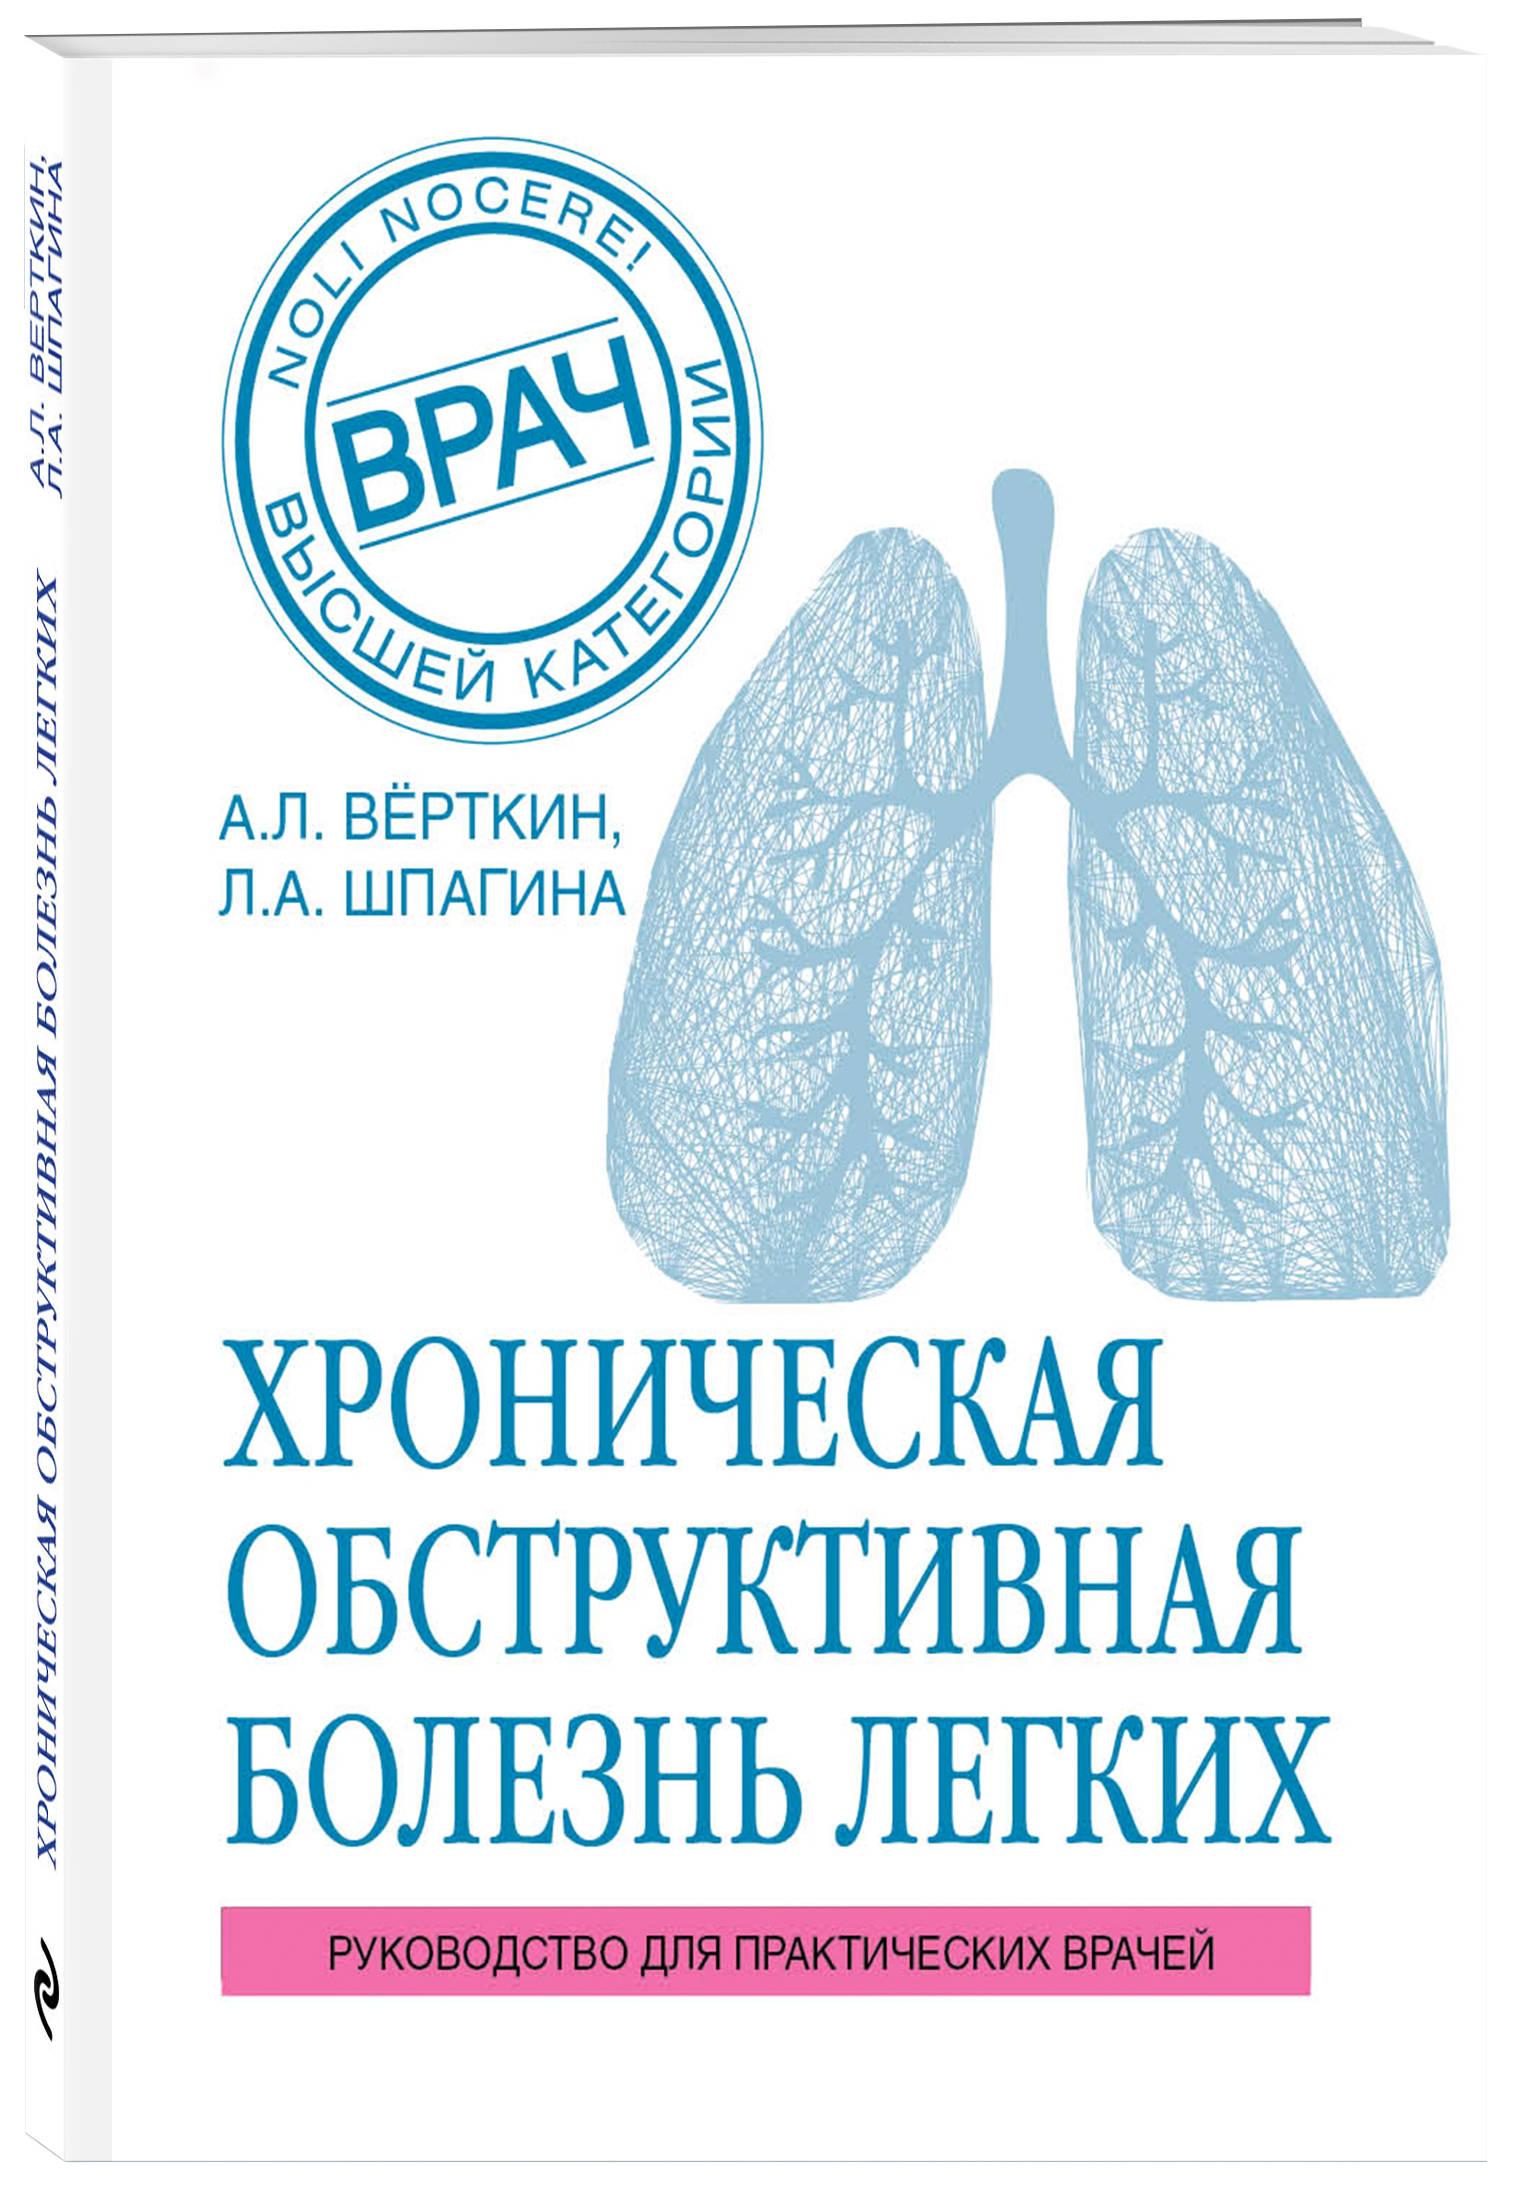 Фото - А. Л. Вёрткин, Л. А. Шпагина ХОБЛ. Руководство для практических врачей а л вёрткин шедевры художественных галерей для докторов остеопороз